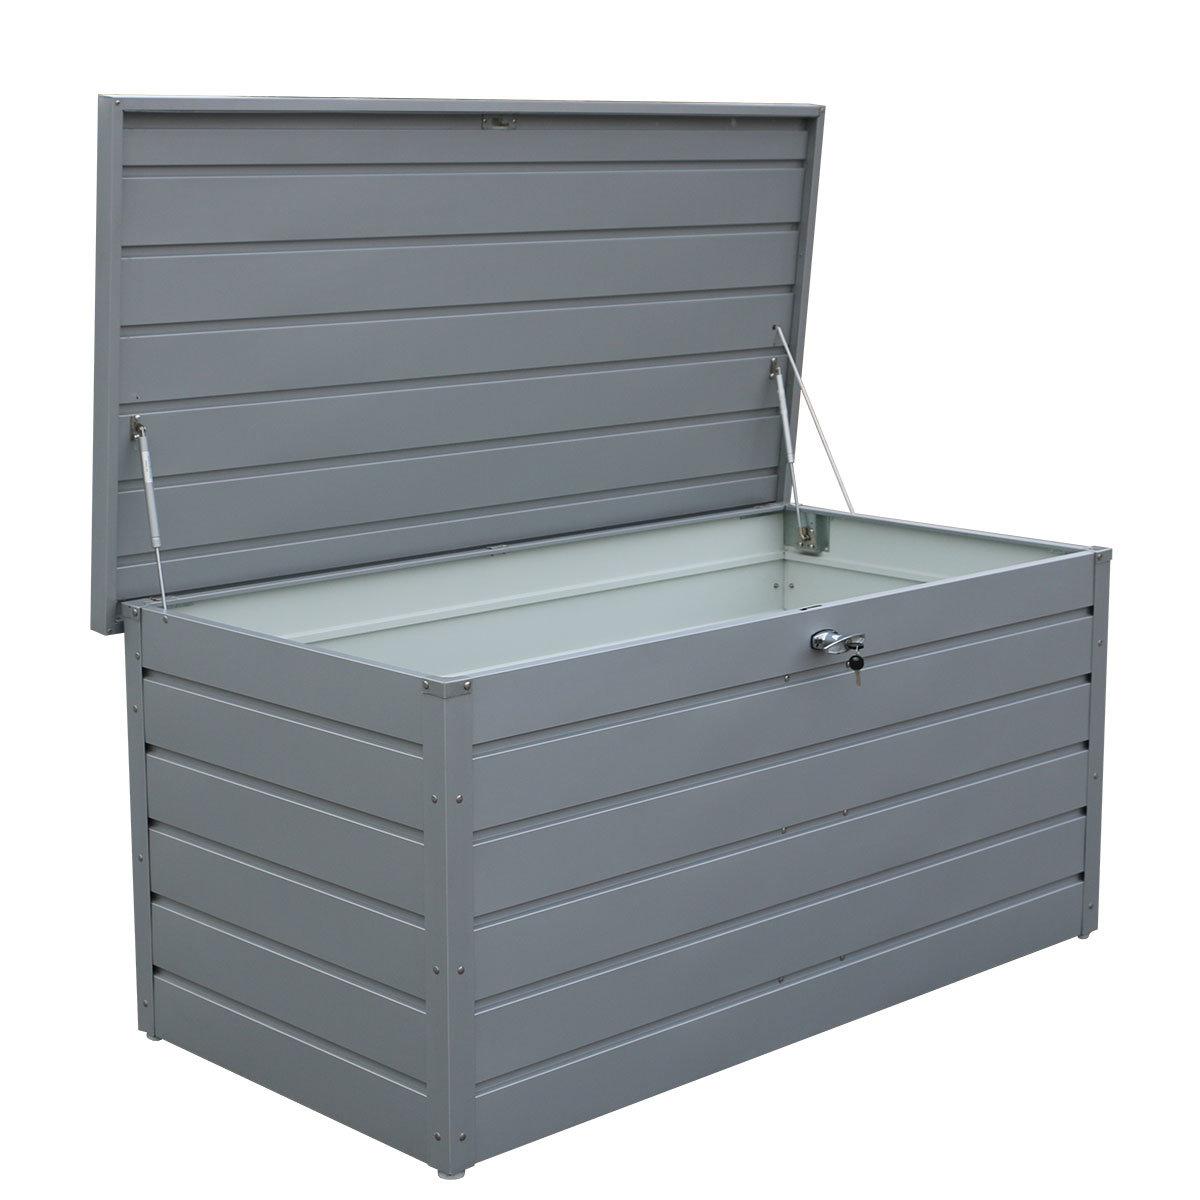 Metall-Gerätebox Palladium | #2